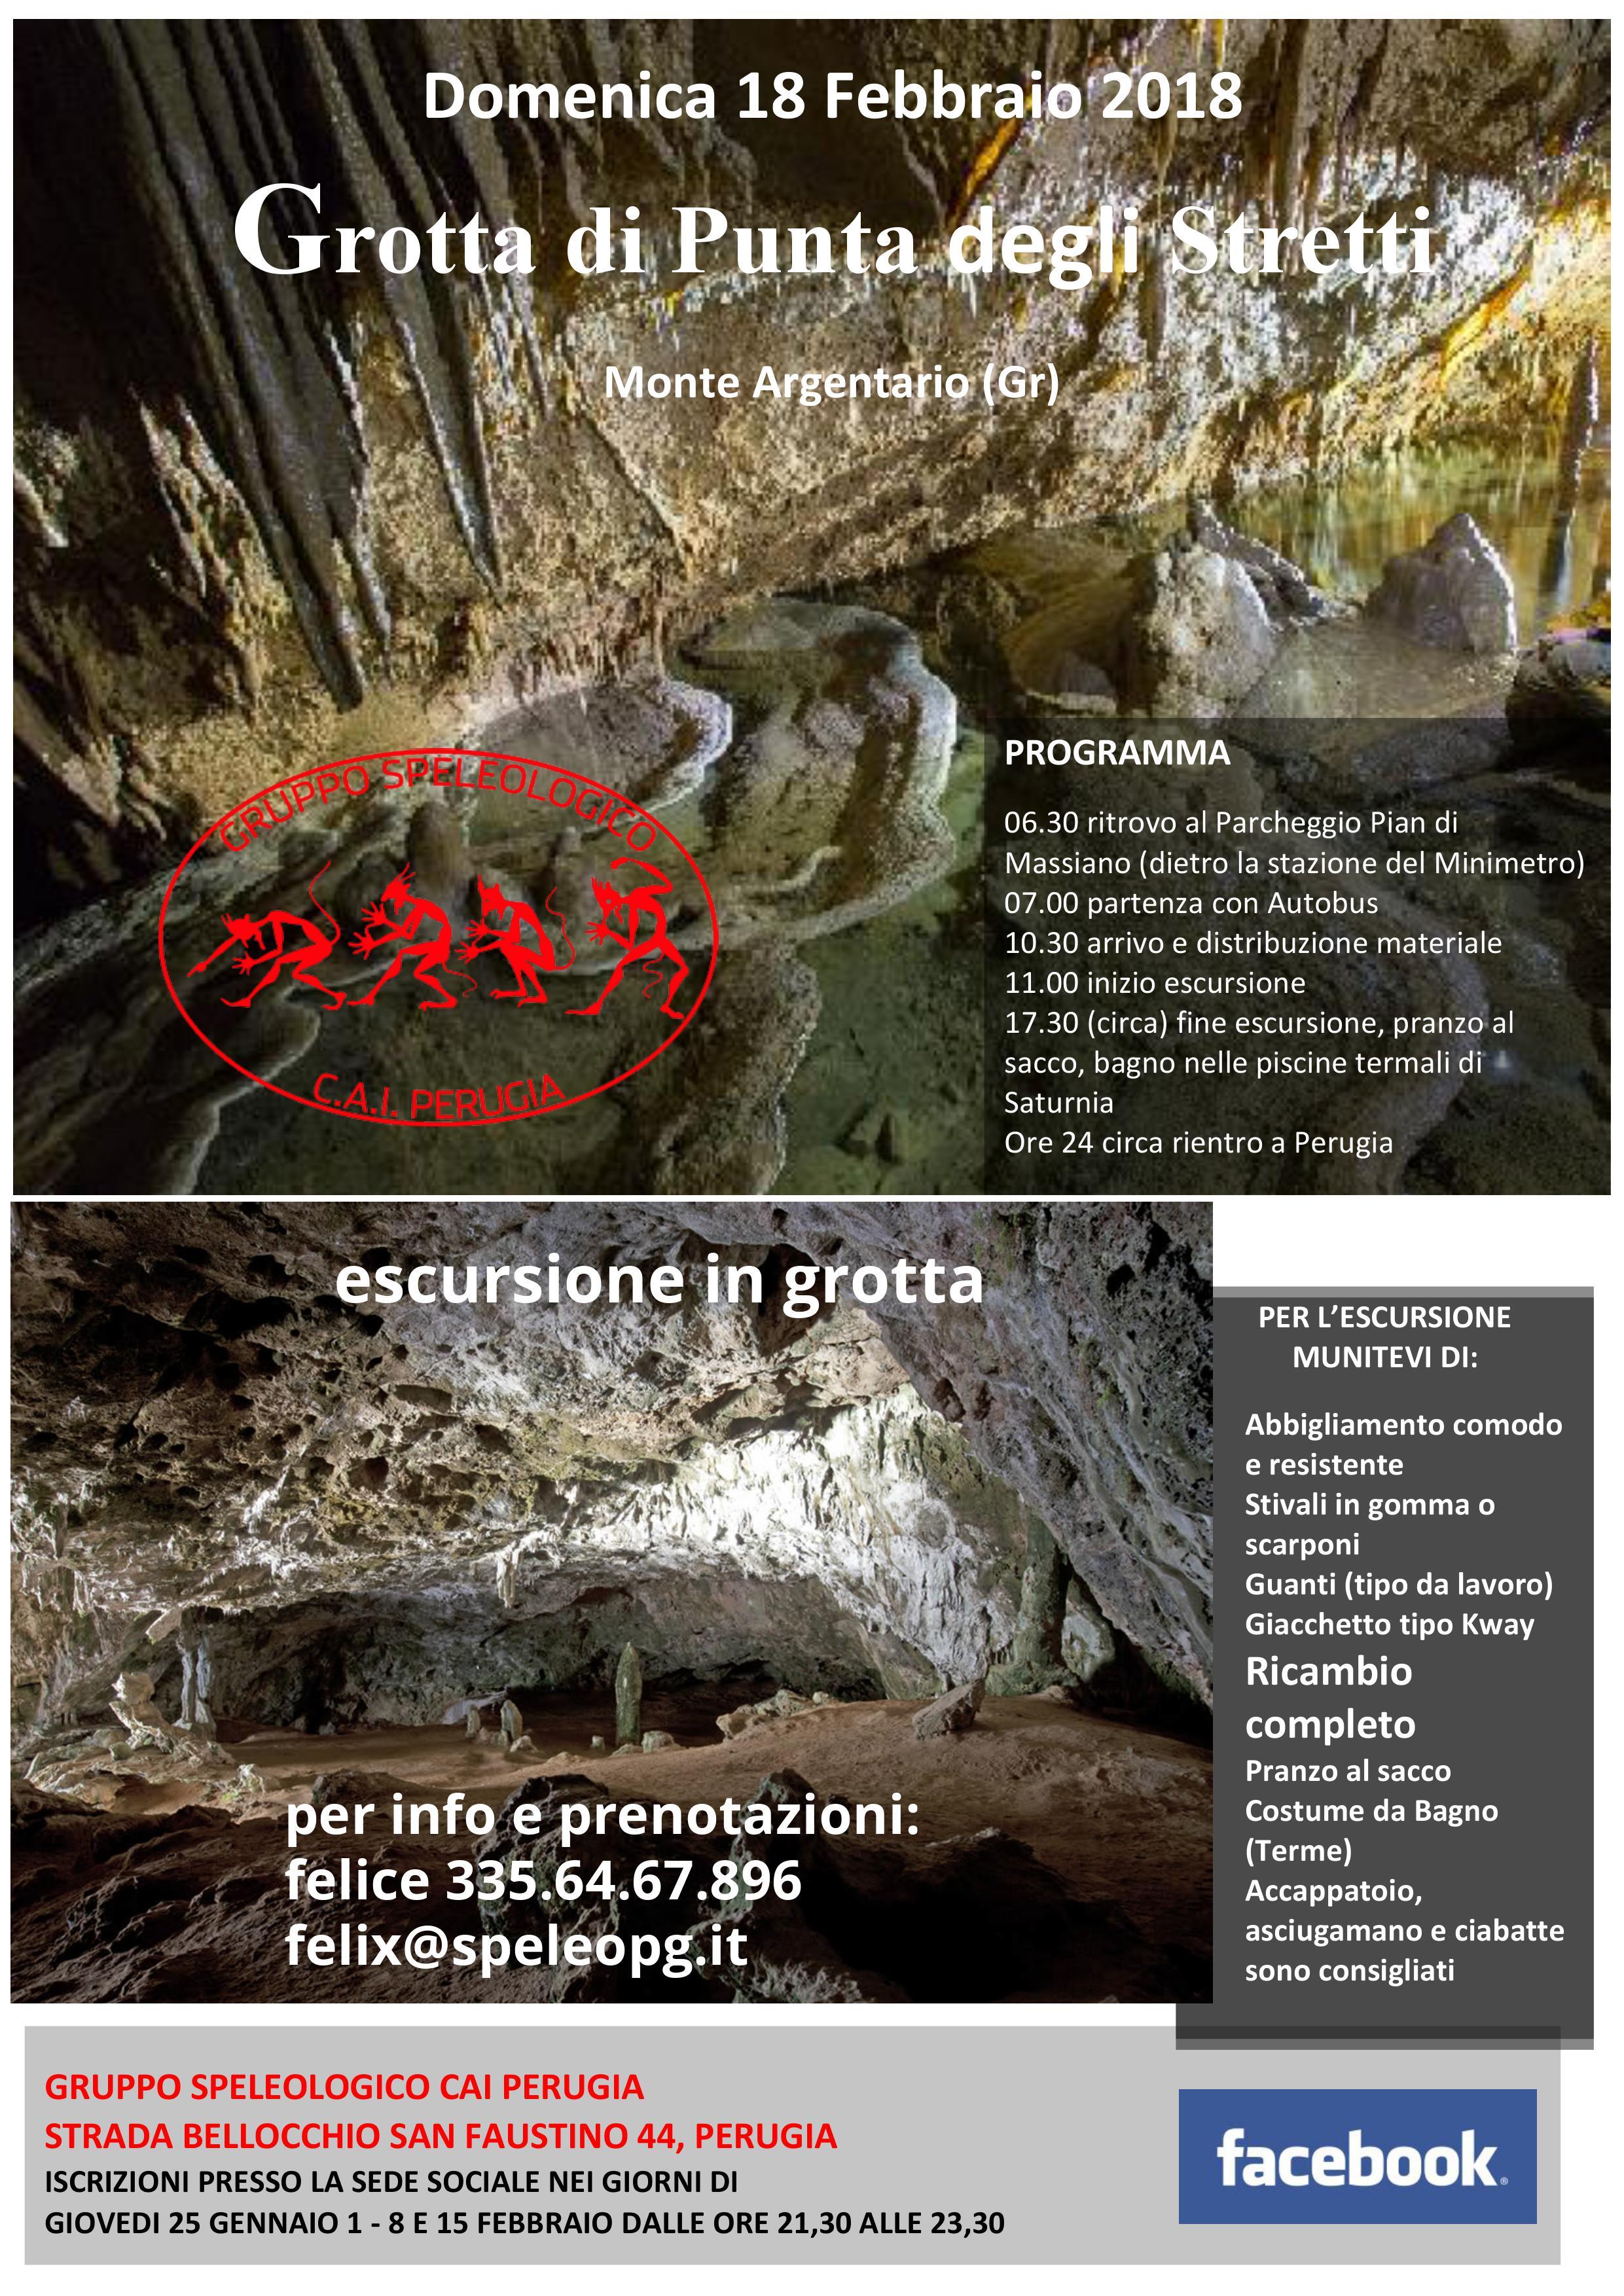 Escursione alla Grotta di Punta degli Stretti